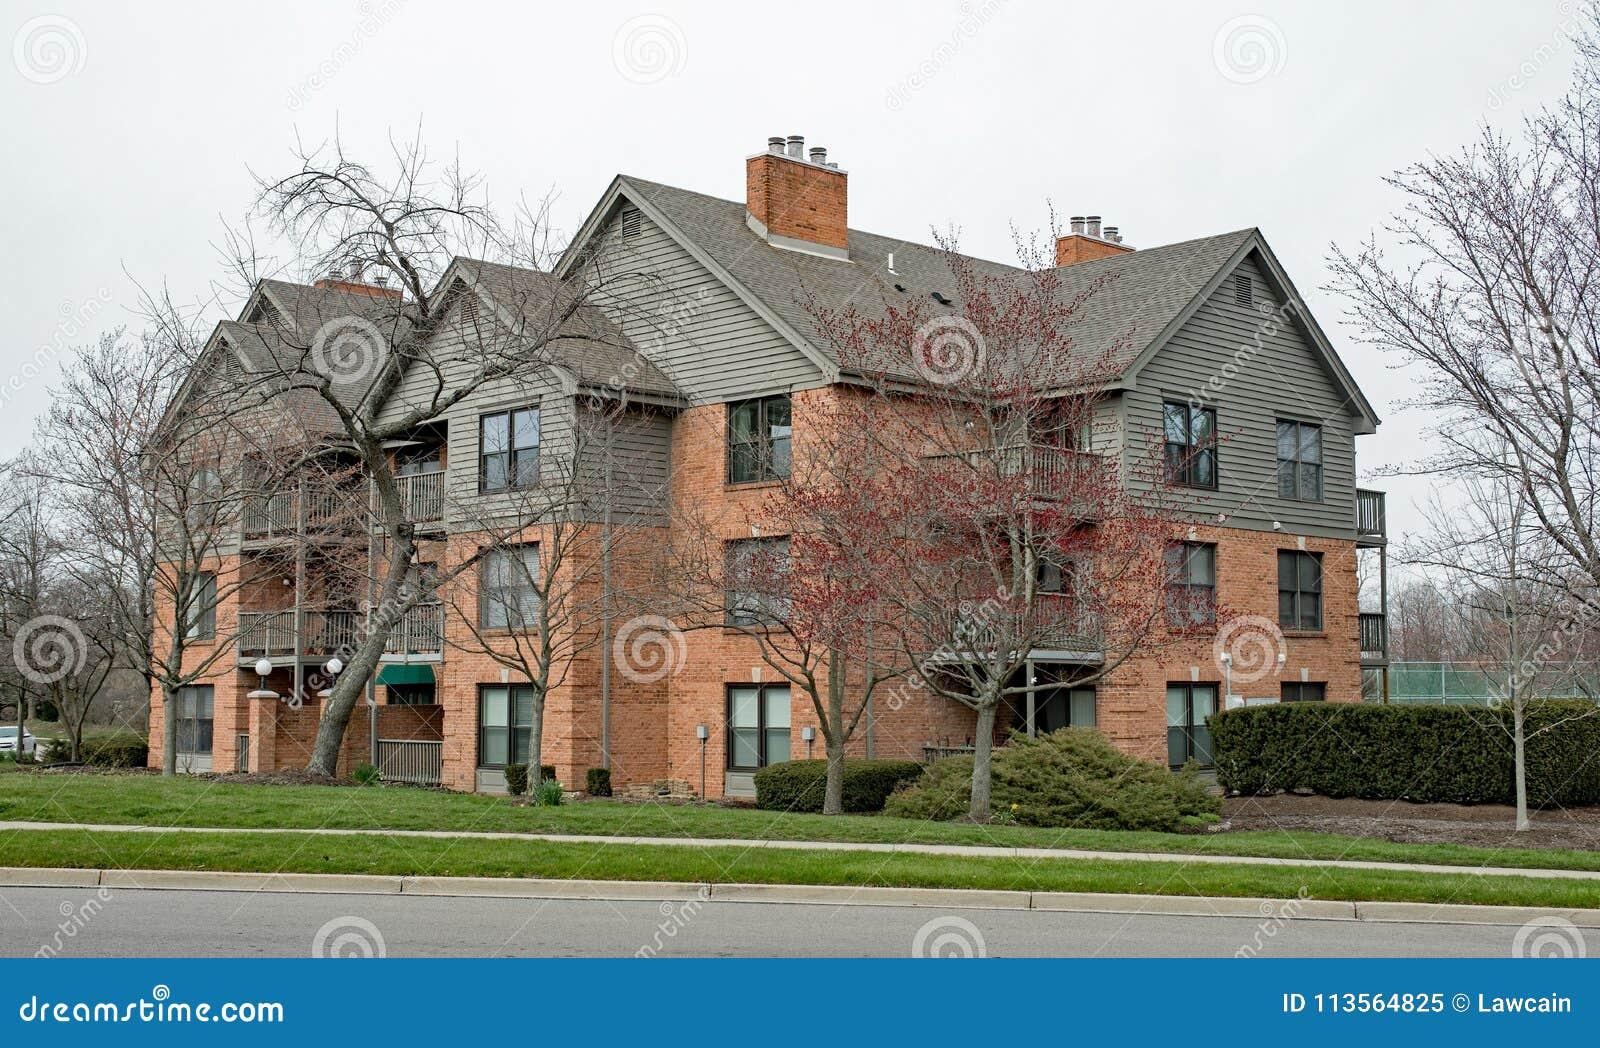 Complejo de apartamentos exclusivo en primavera temprana